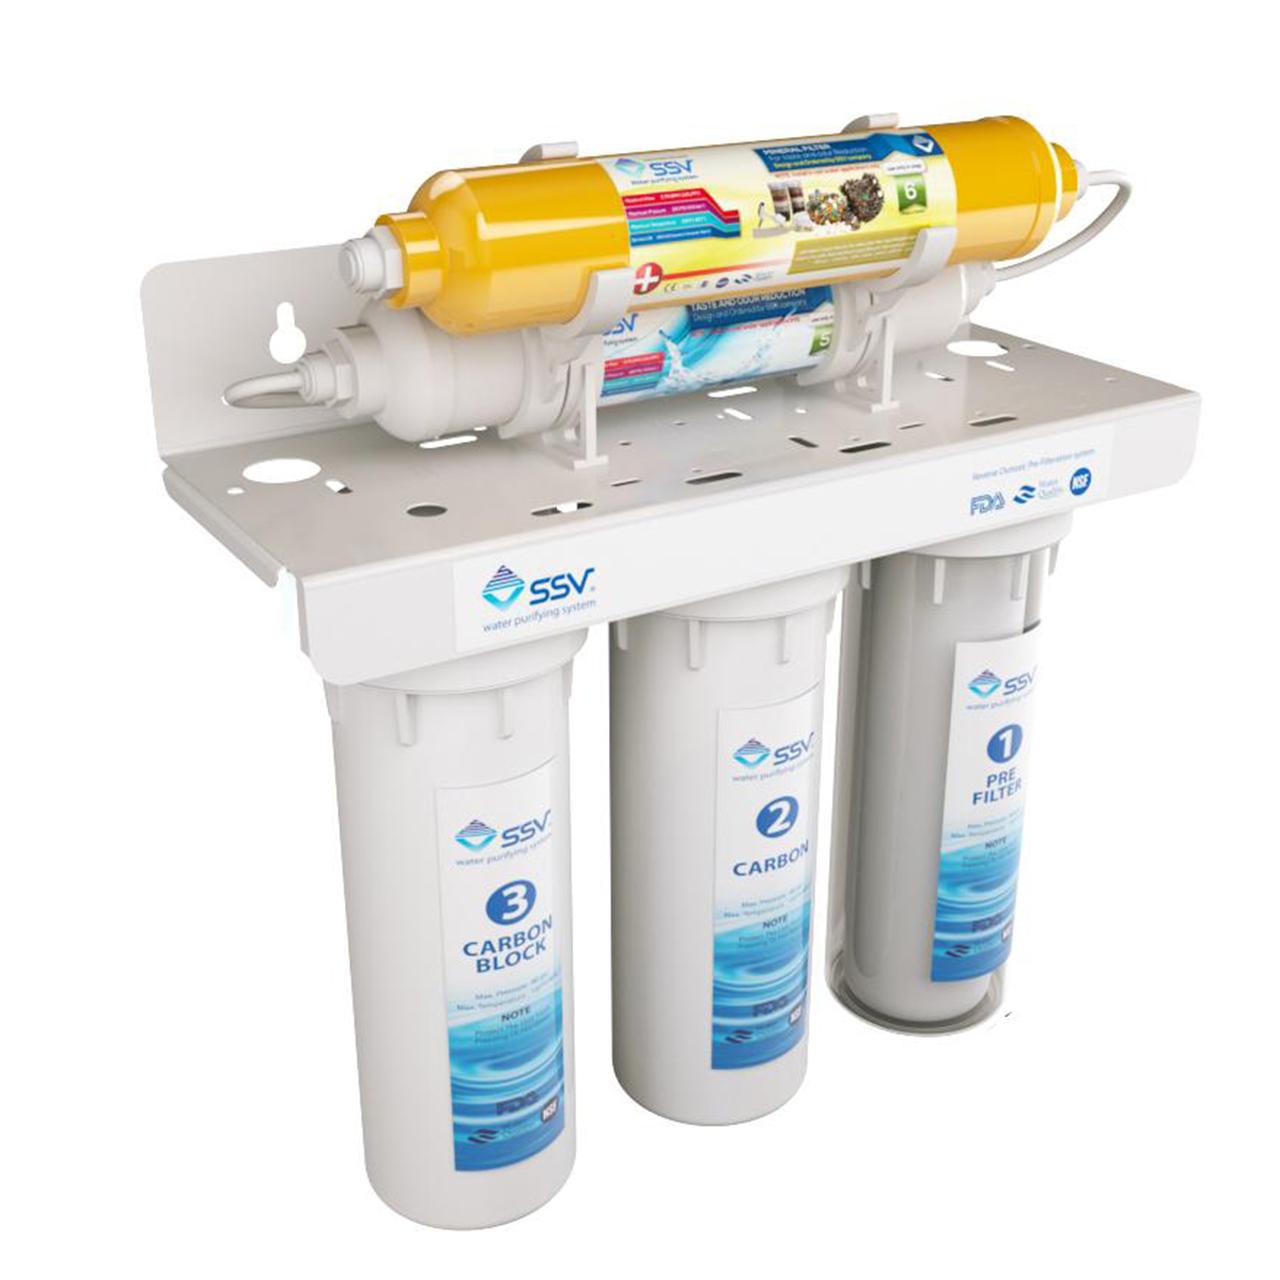 دستگاه تصفیه کننده آب اس اس وی مدل UltraJet X500 به همراه فیلتر یدک مجموعه 3 عددی و شارژ یدک مجموعه 2 عددی